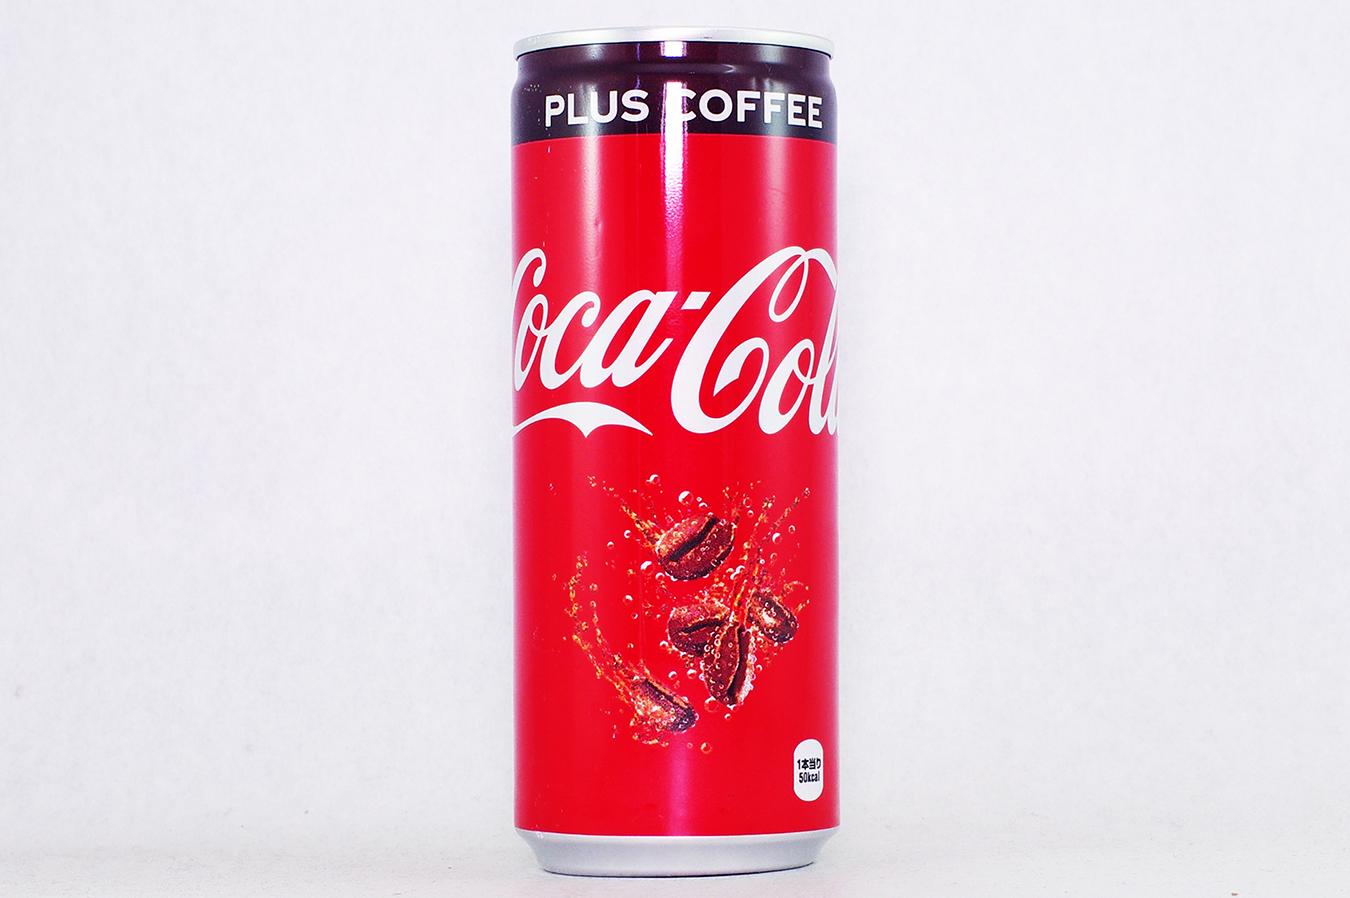 コカ・コーラ プラスコーヒー 2018年10月